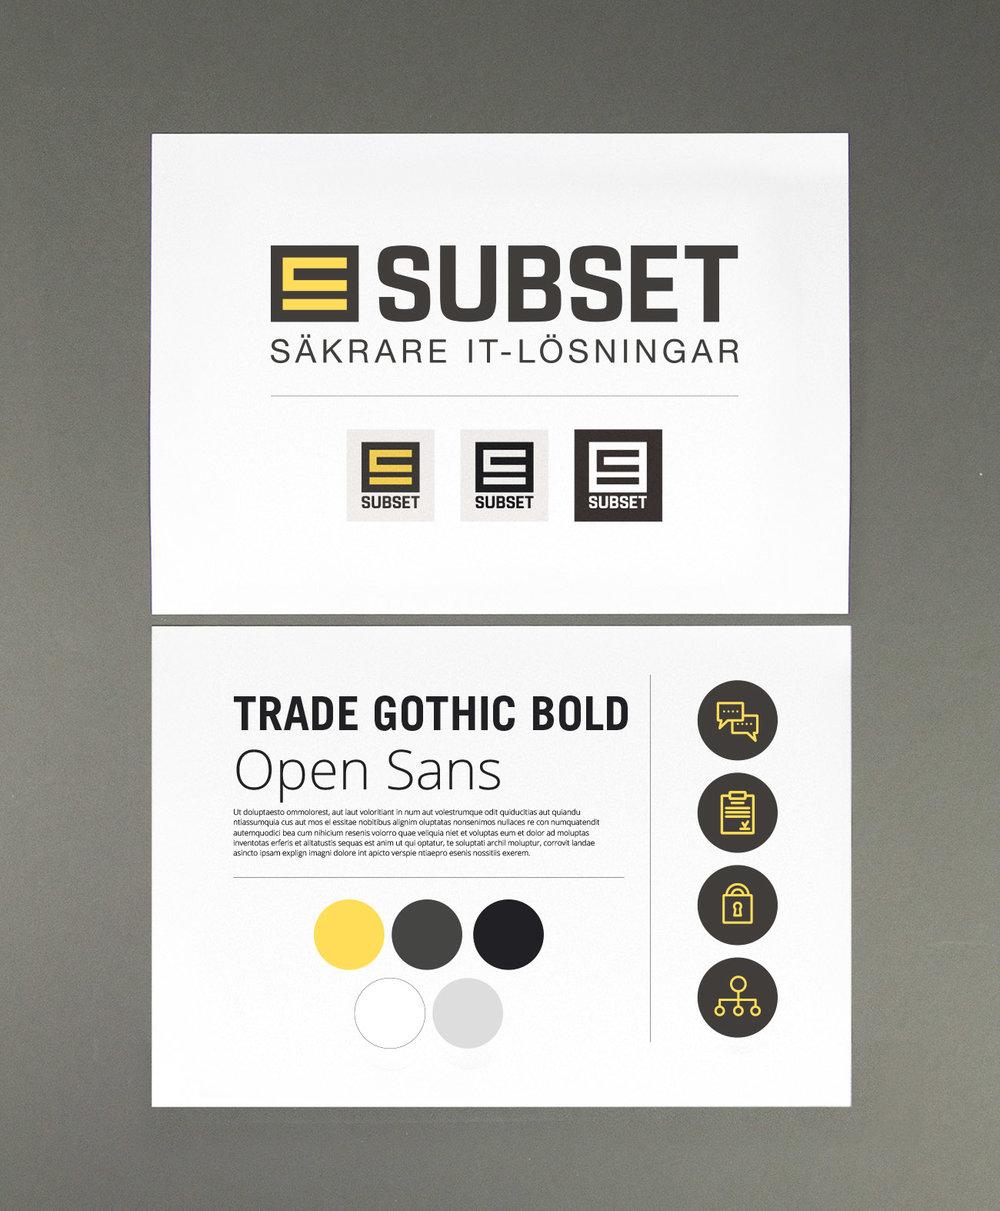 Att utveckla en ny grafisk profil handlar om mer än att designa om logotypen. Här ser du bland annat nya ikoner, färger och typsnitt